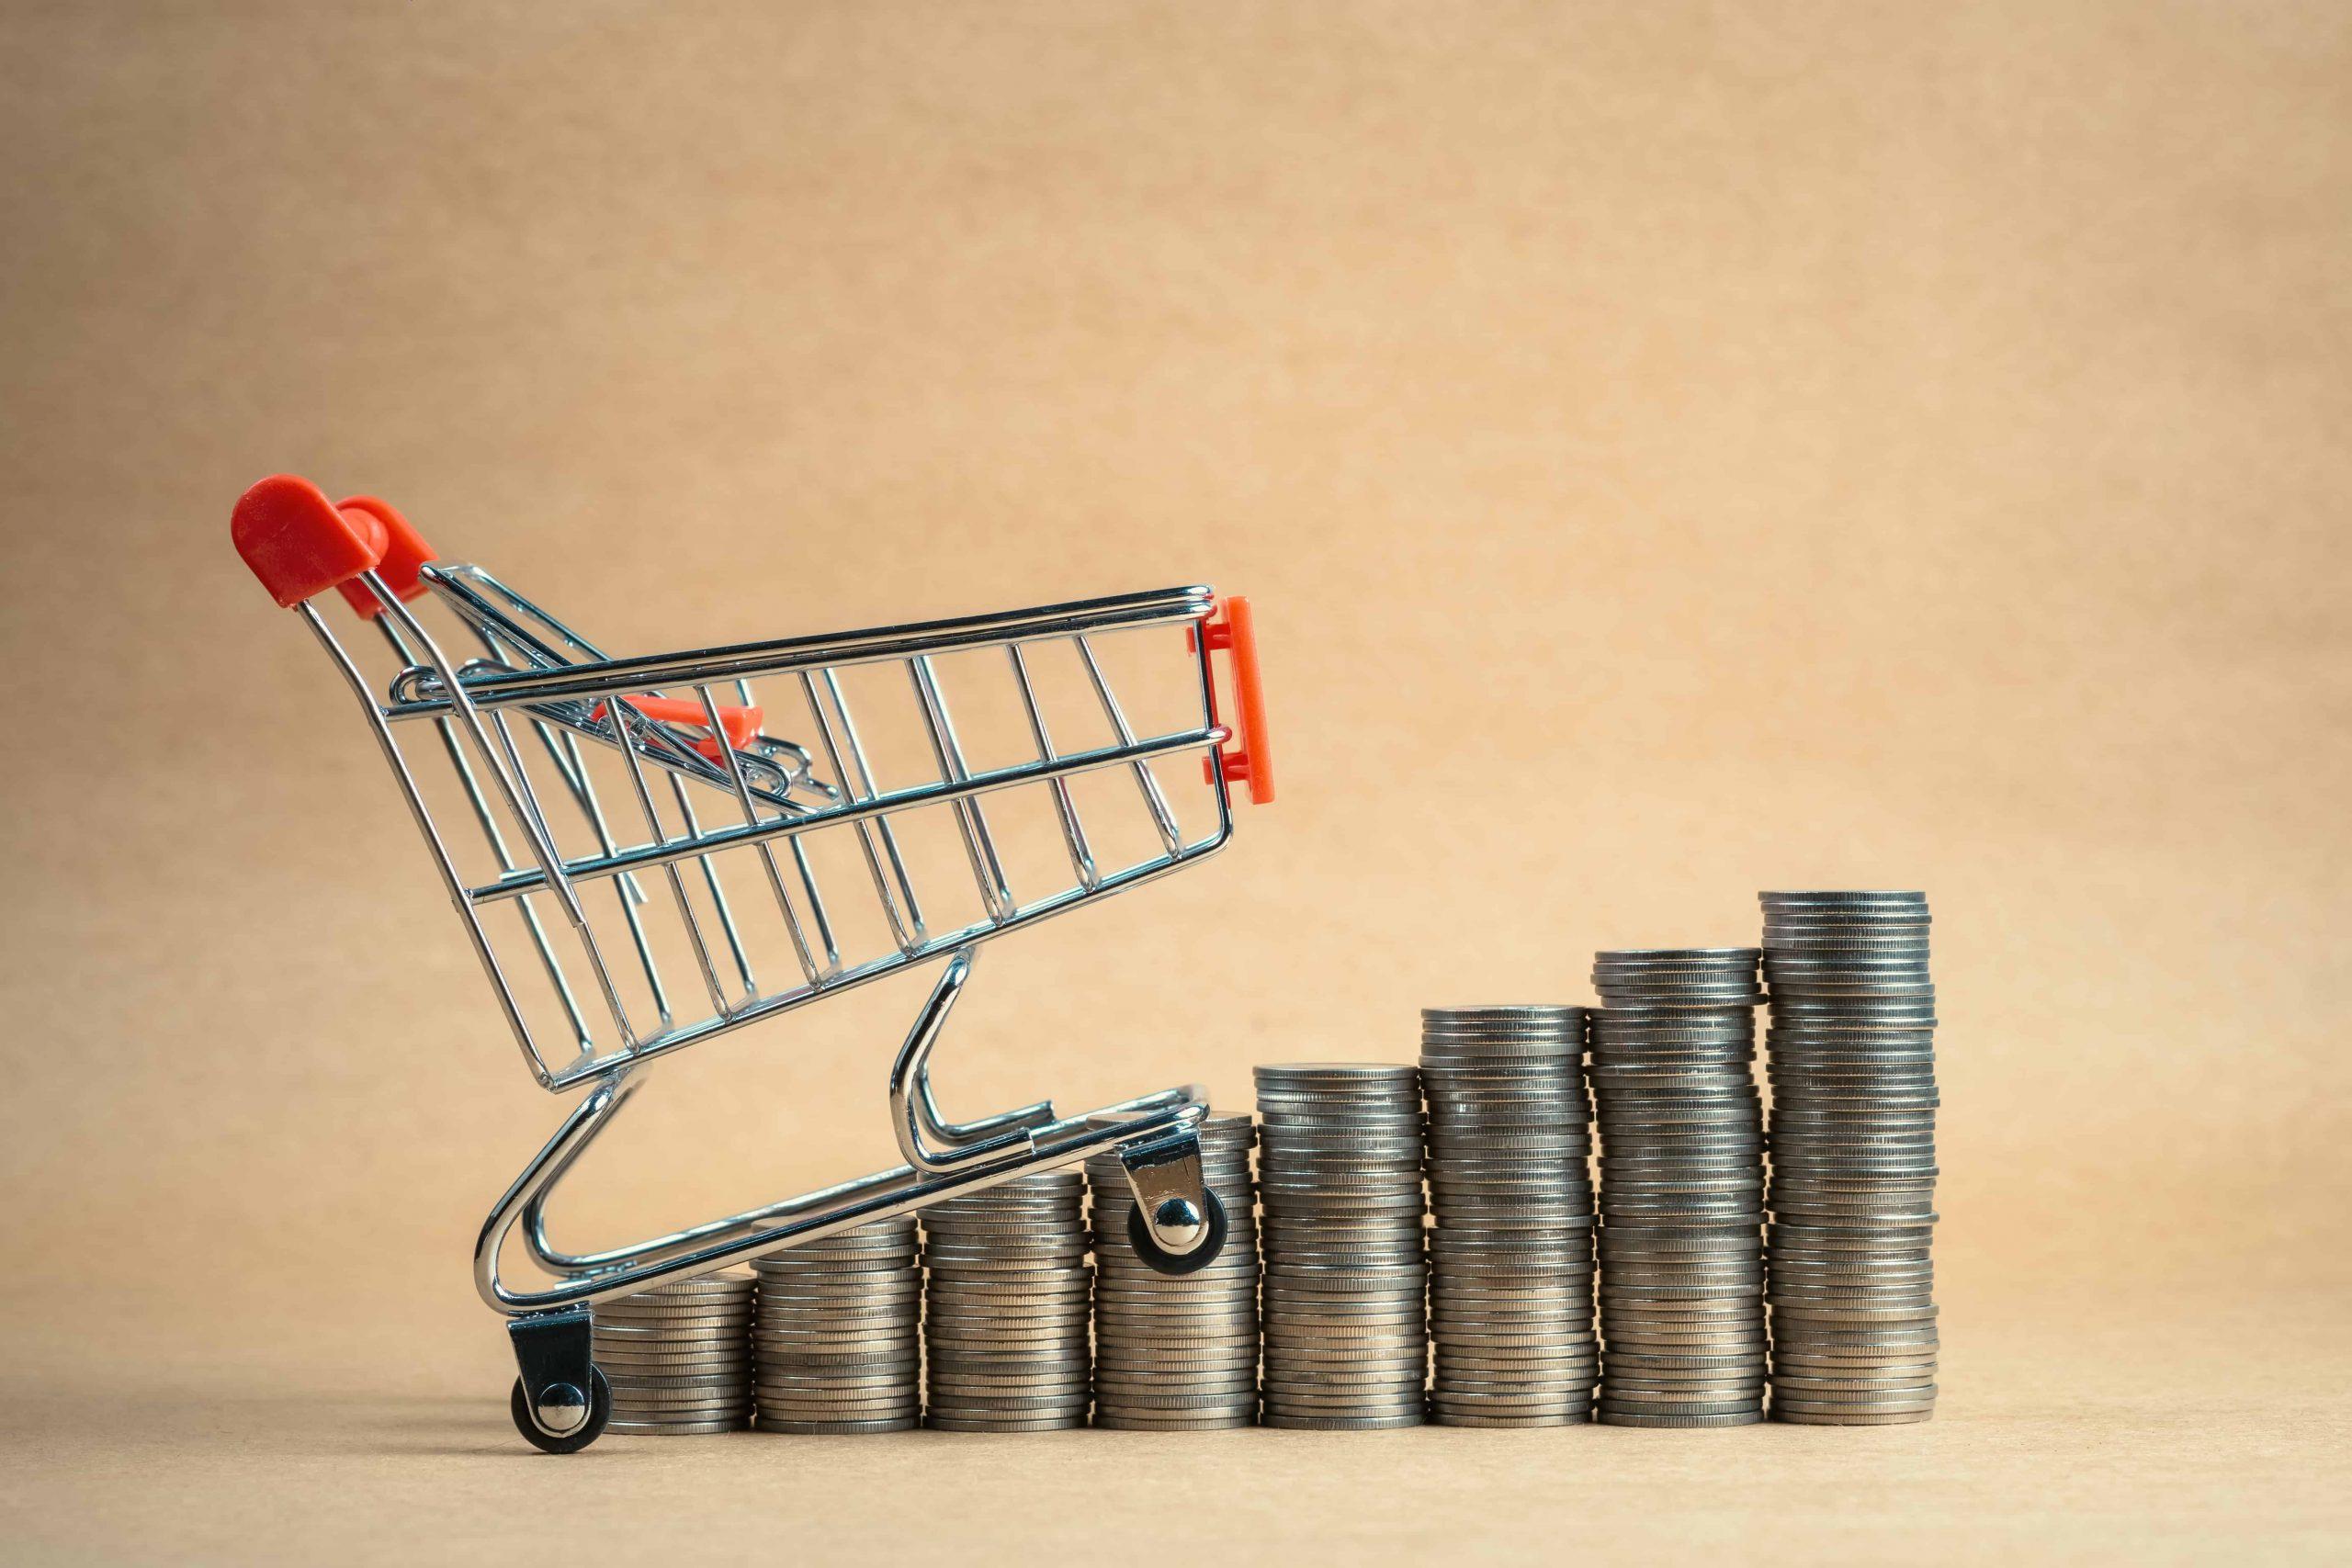 keskmine ostukorvi väärtus kuidas panna kliendid rohkem ostma